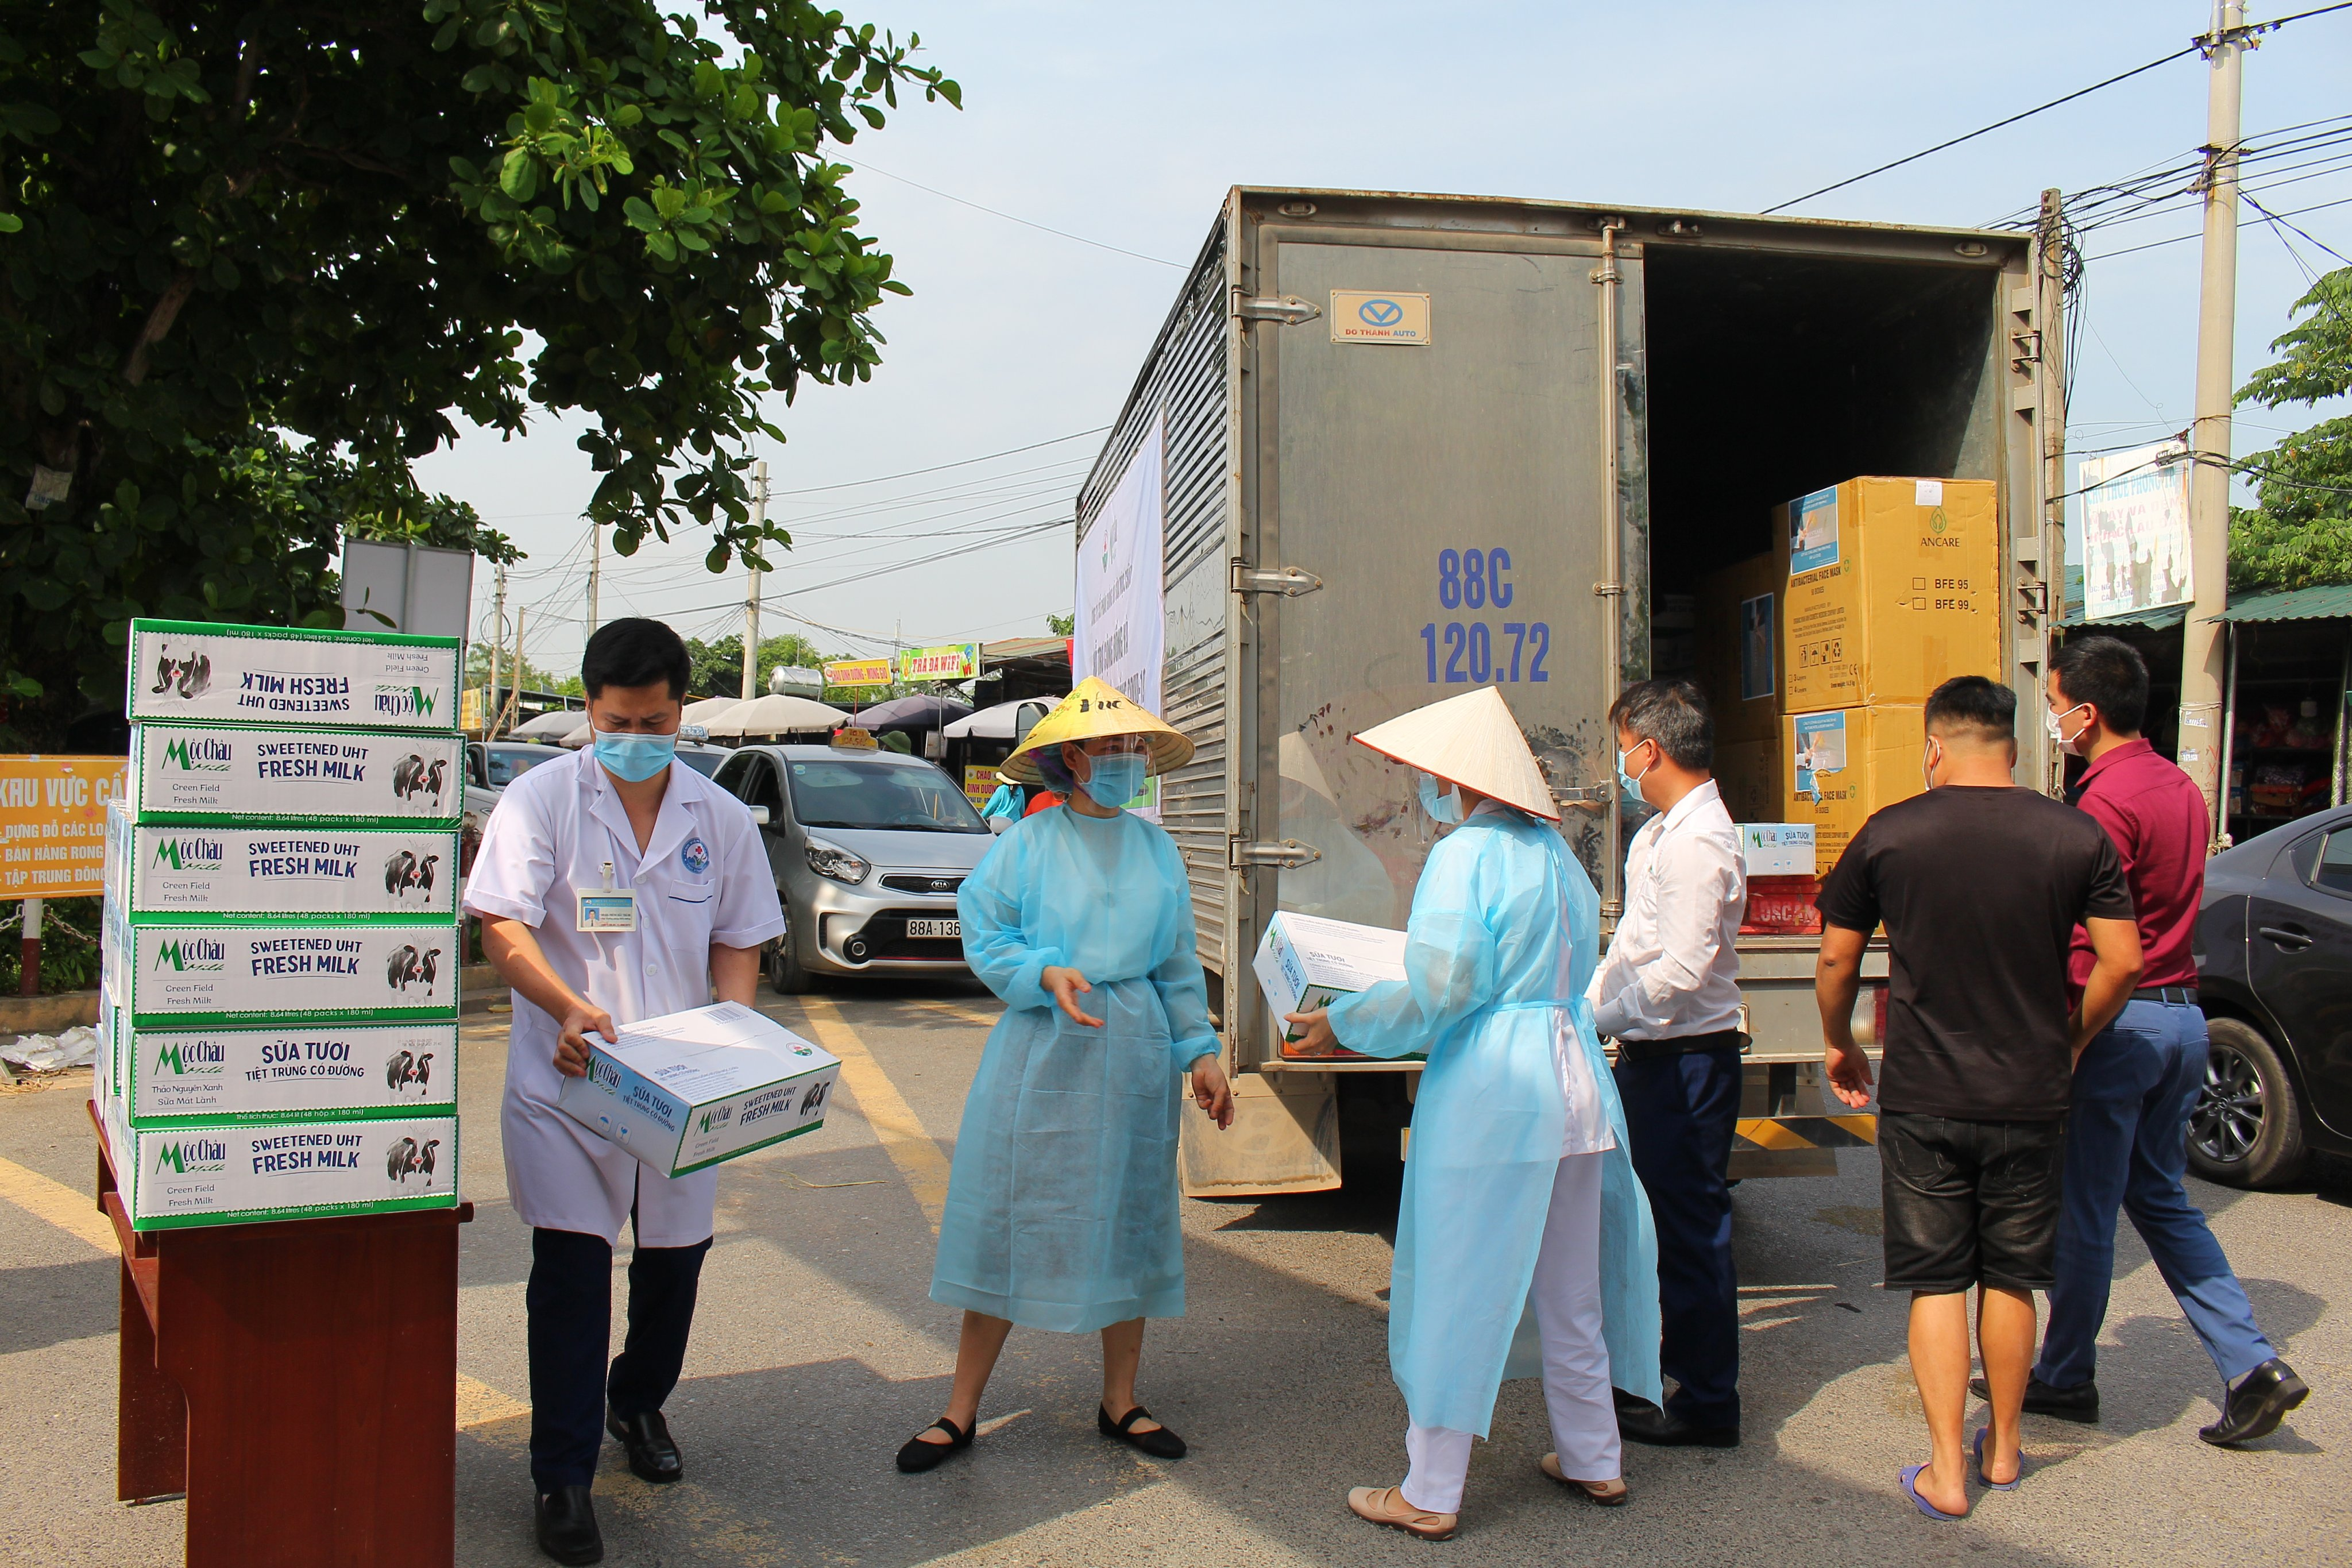 Mộc Châu Milk hỗ trợ hơn 50.000 sản phẩm sữa cho lực lượng tuyến đầu và người dân nơi tâm dịch Covid-19 9